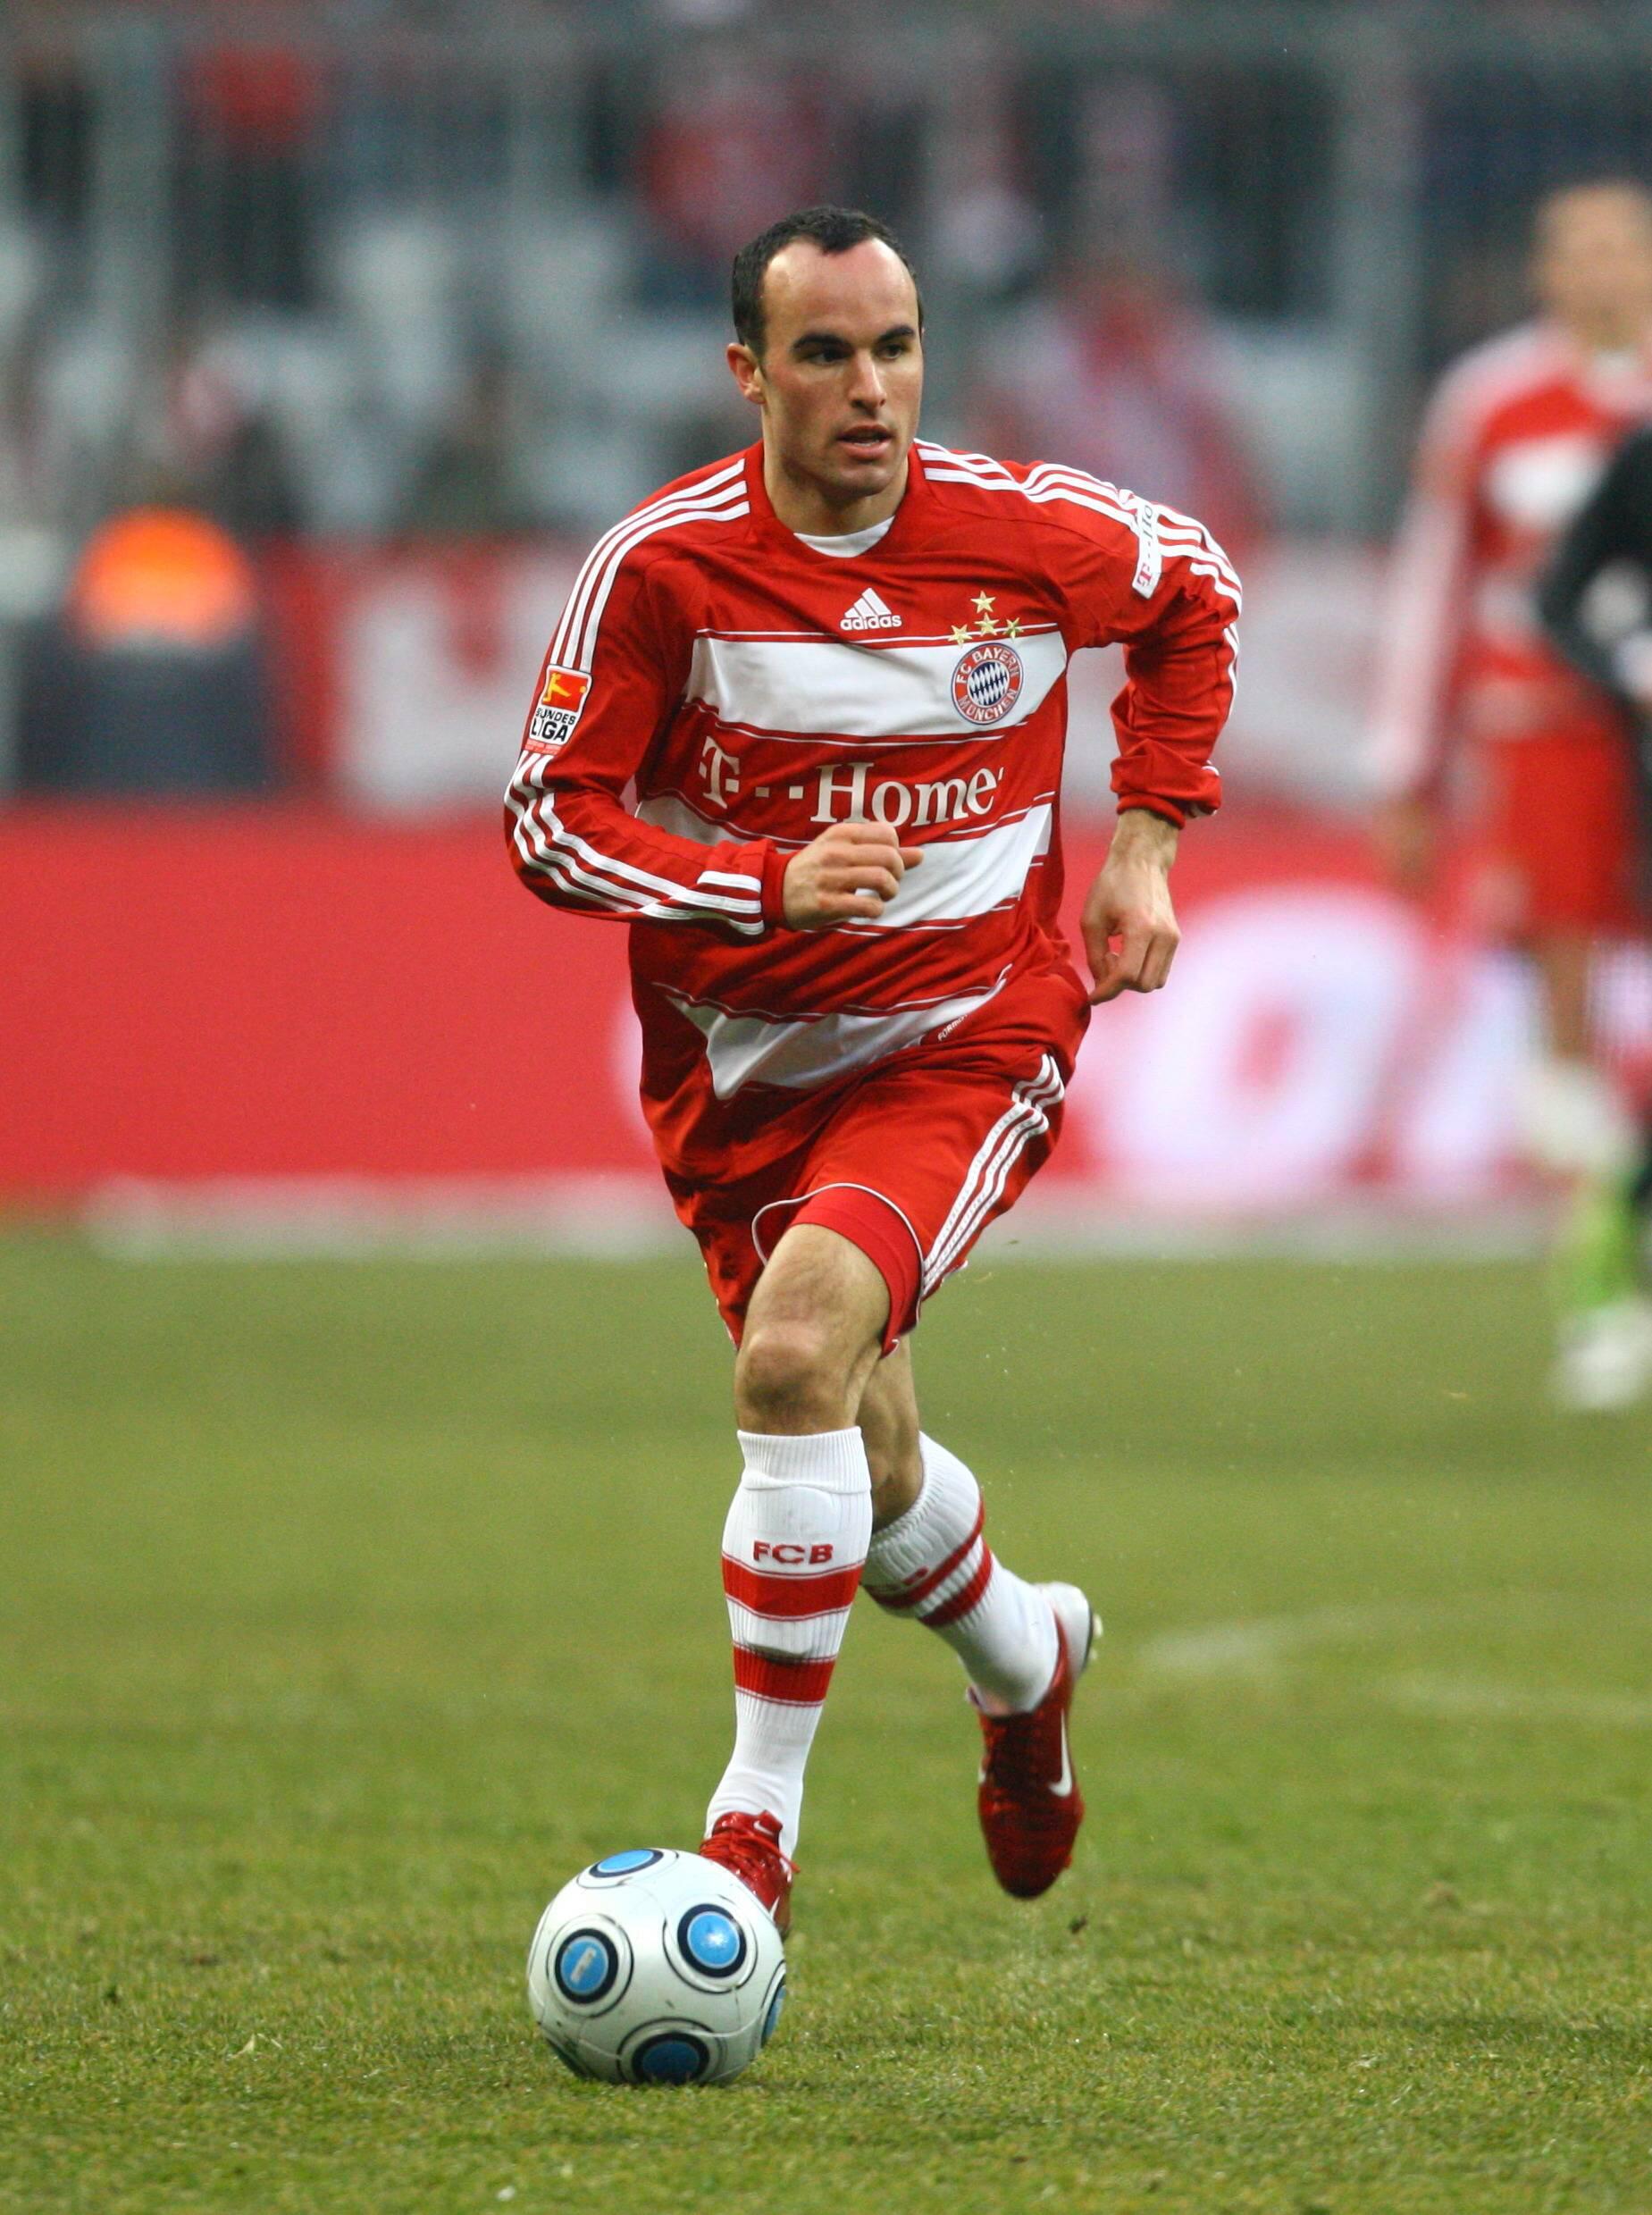 Bild zu Landon Donovan, FC Bayern,